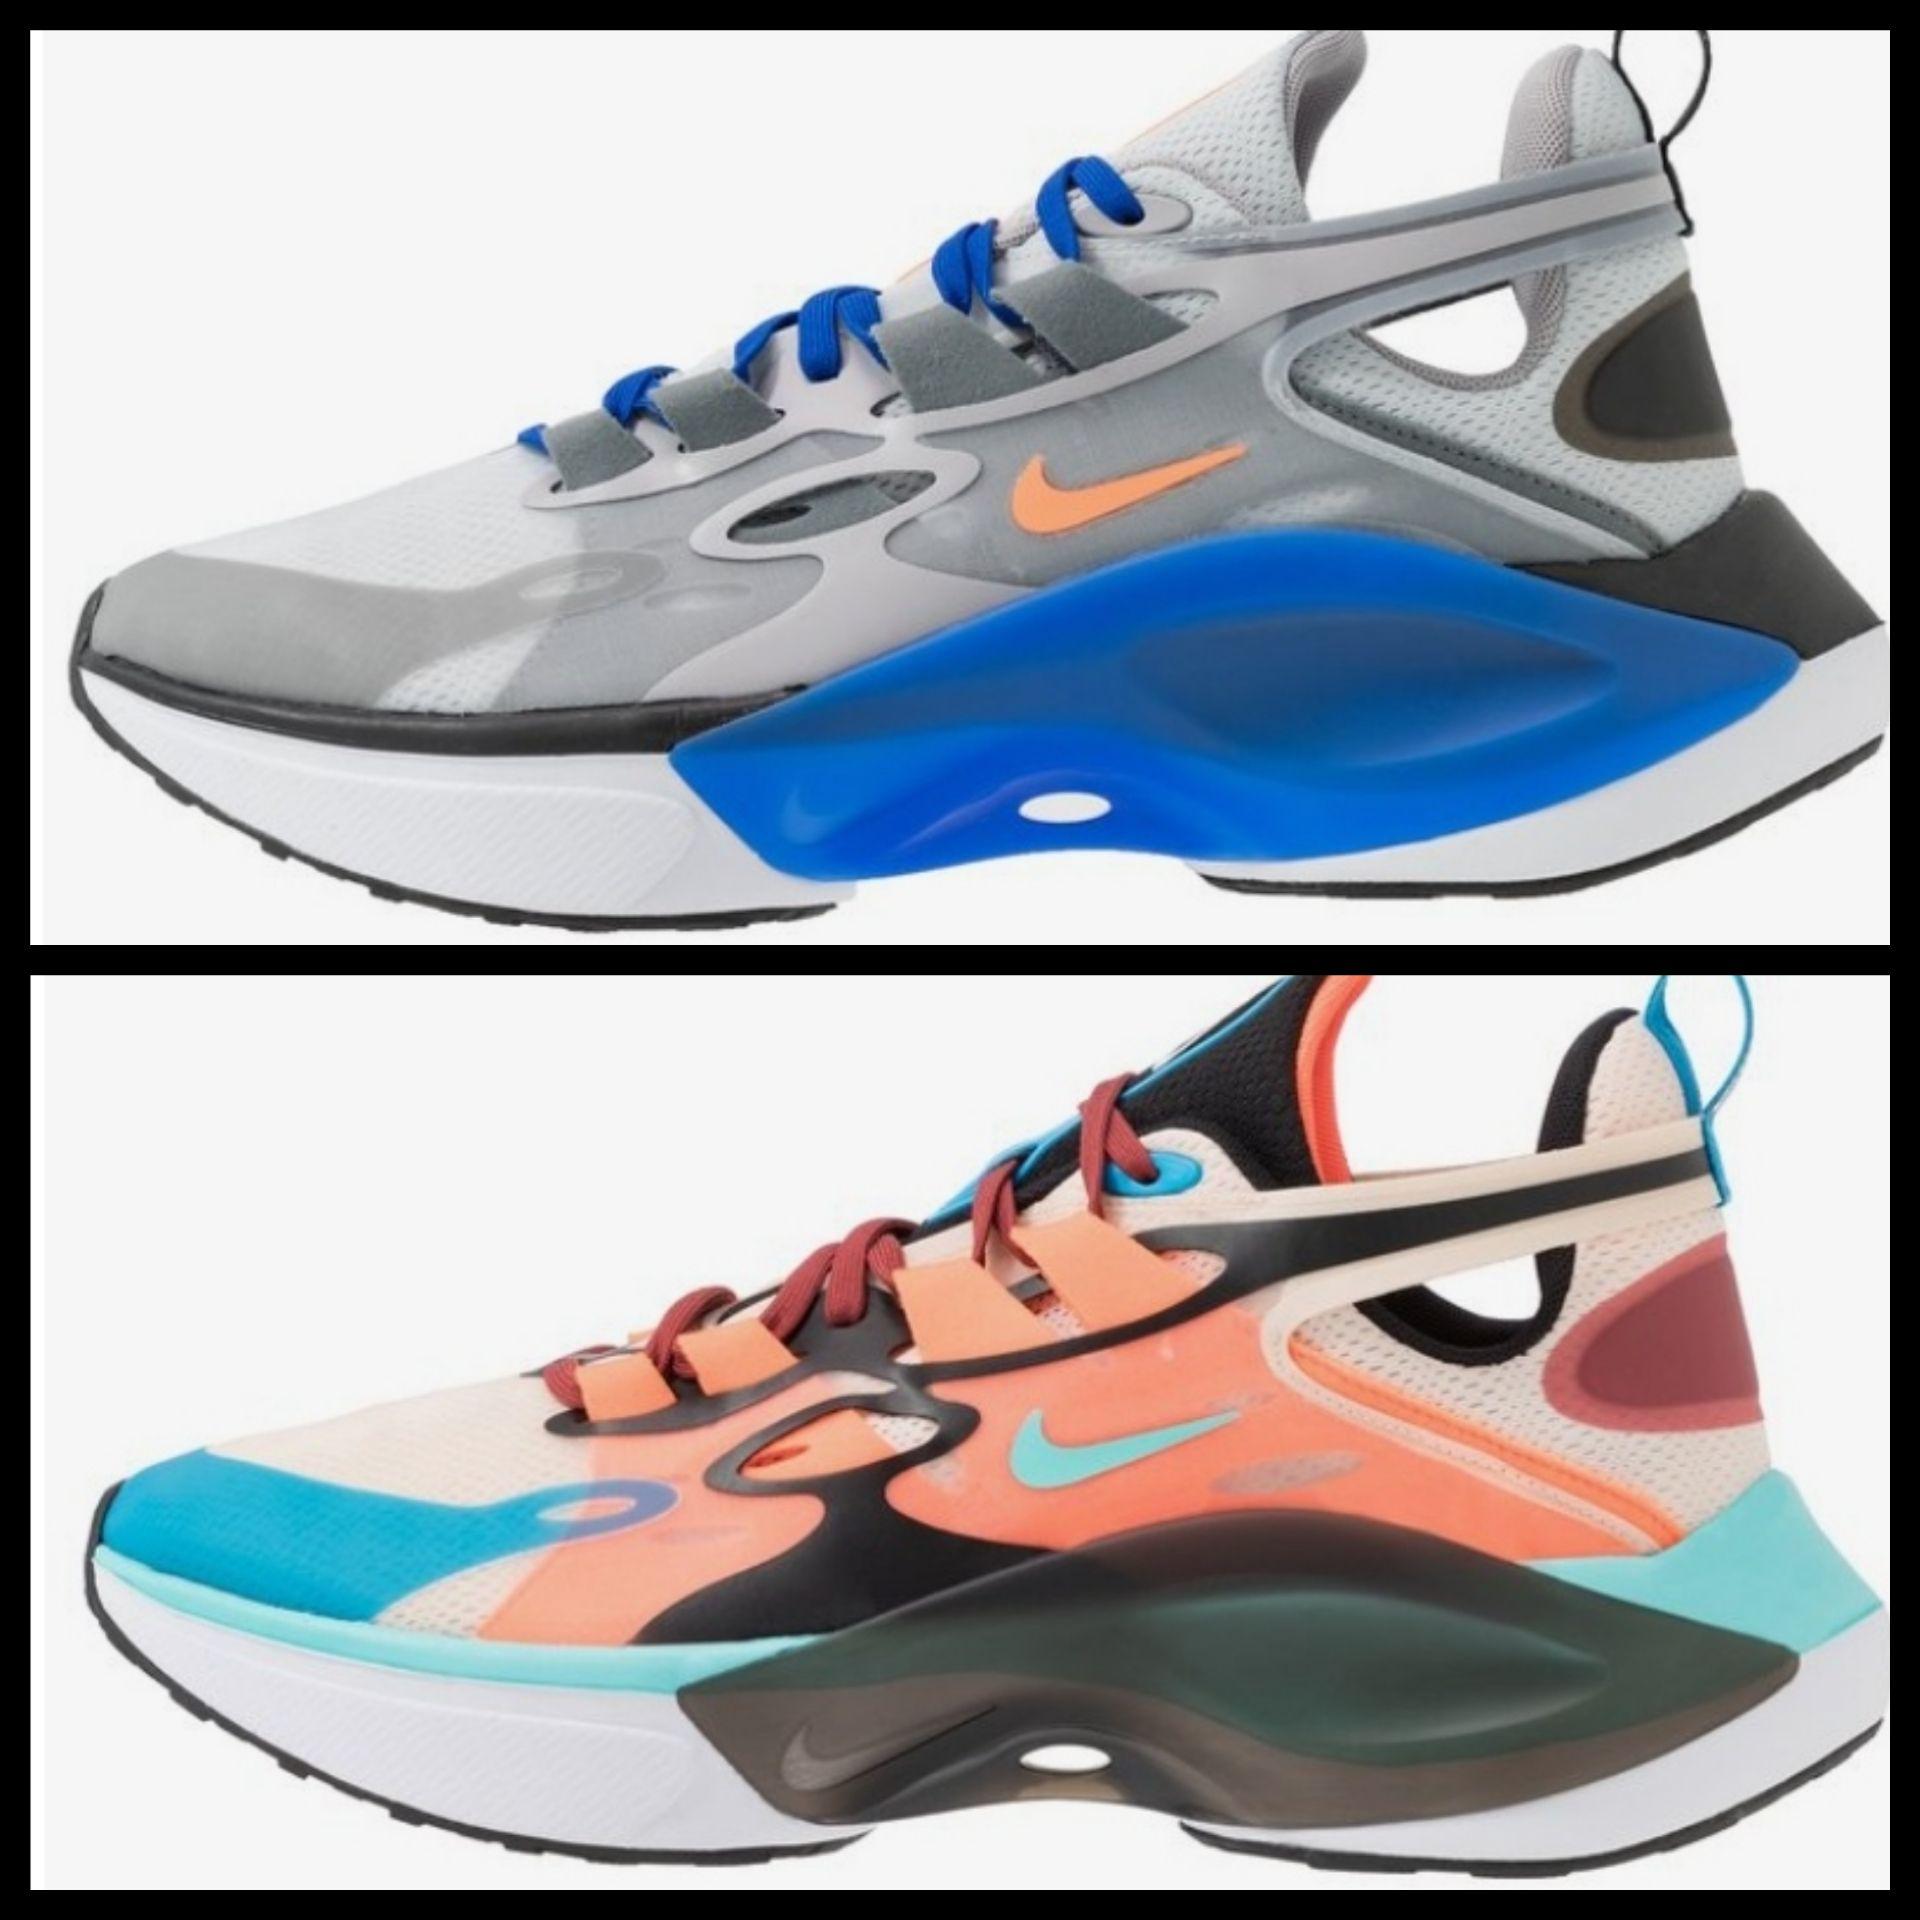 Zapatillas Nike SIGNAL D/MS/X - Disponible en 2 Colores